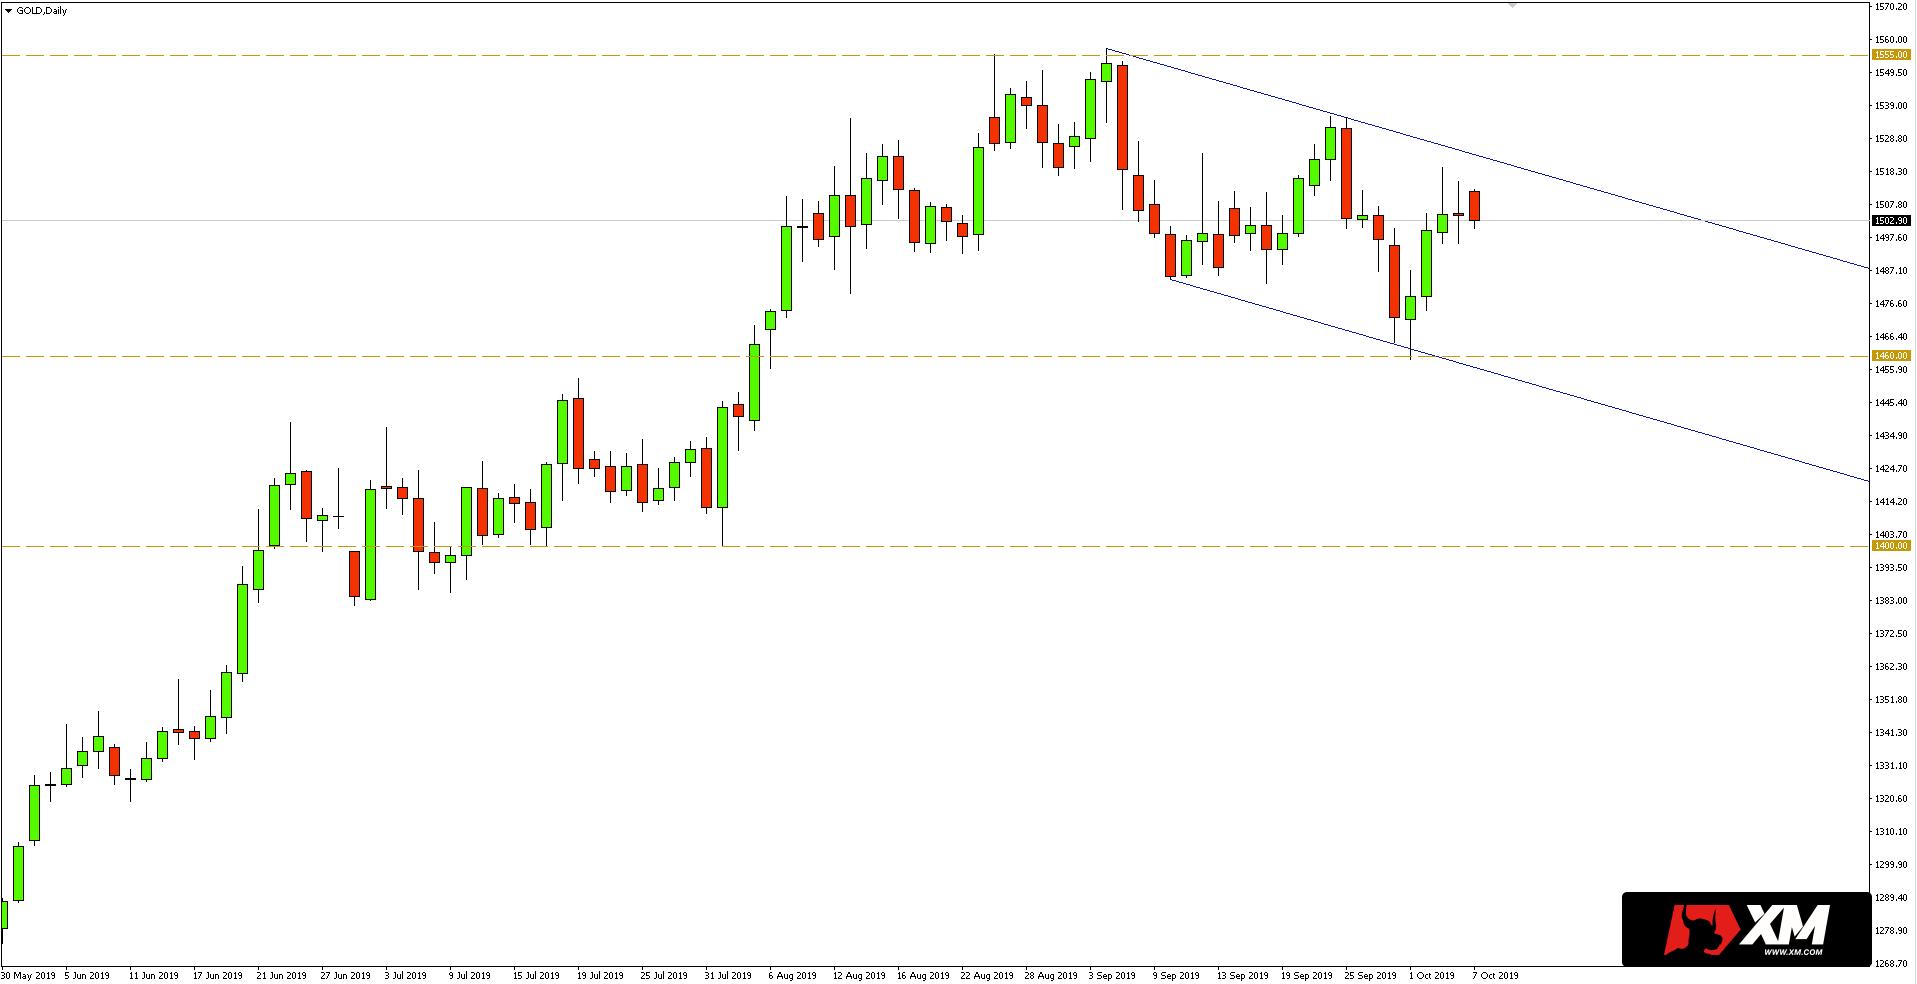 Kurs złota (XAUUSD) - wykres dzienny - 7 października 2019